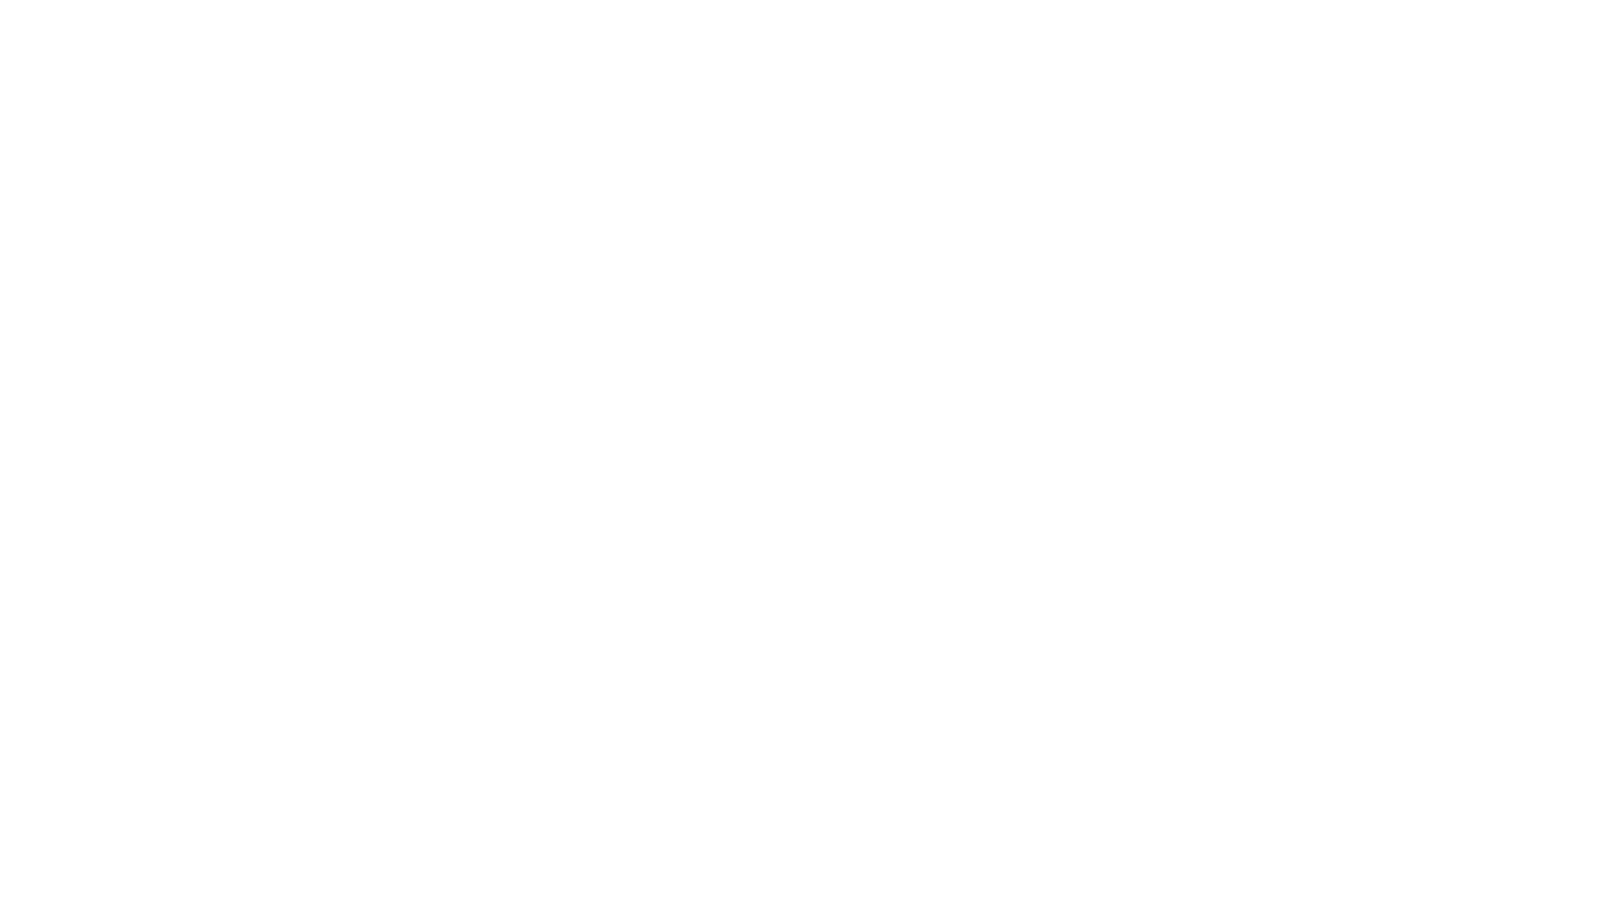 Na otázky brankárov odpovedajú tréneri a profesionálny brankári, hráči: Jaroslav Olejár - býbalý brankár Sparta Praha, FC Košice  Pavol Penksa - tréner brankárov Zemplín Michalovce, bývalý brankár Ružomberka, DAC, Raith Rovers, Anagennisi Deryneia, ZTE  Martin Polaček - profesionálny brankár, momentálne v chytá v polskej lige - Podbeskidzie, skúsenosti z klubov Levsky Sofia, Zaglebie Lubin, Slovan Bratislava, DAC Dunajska Streda  Priď aj Ty na webinár na budúci týždeň vo štvrtok o 21.00 hod.